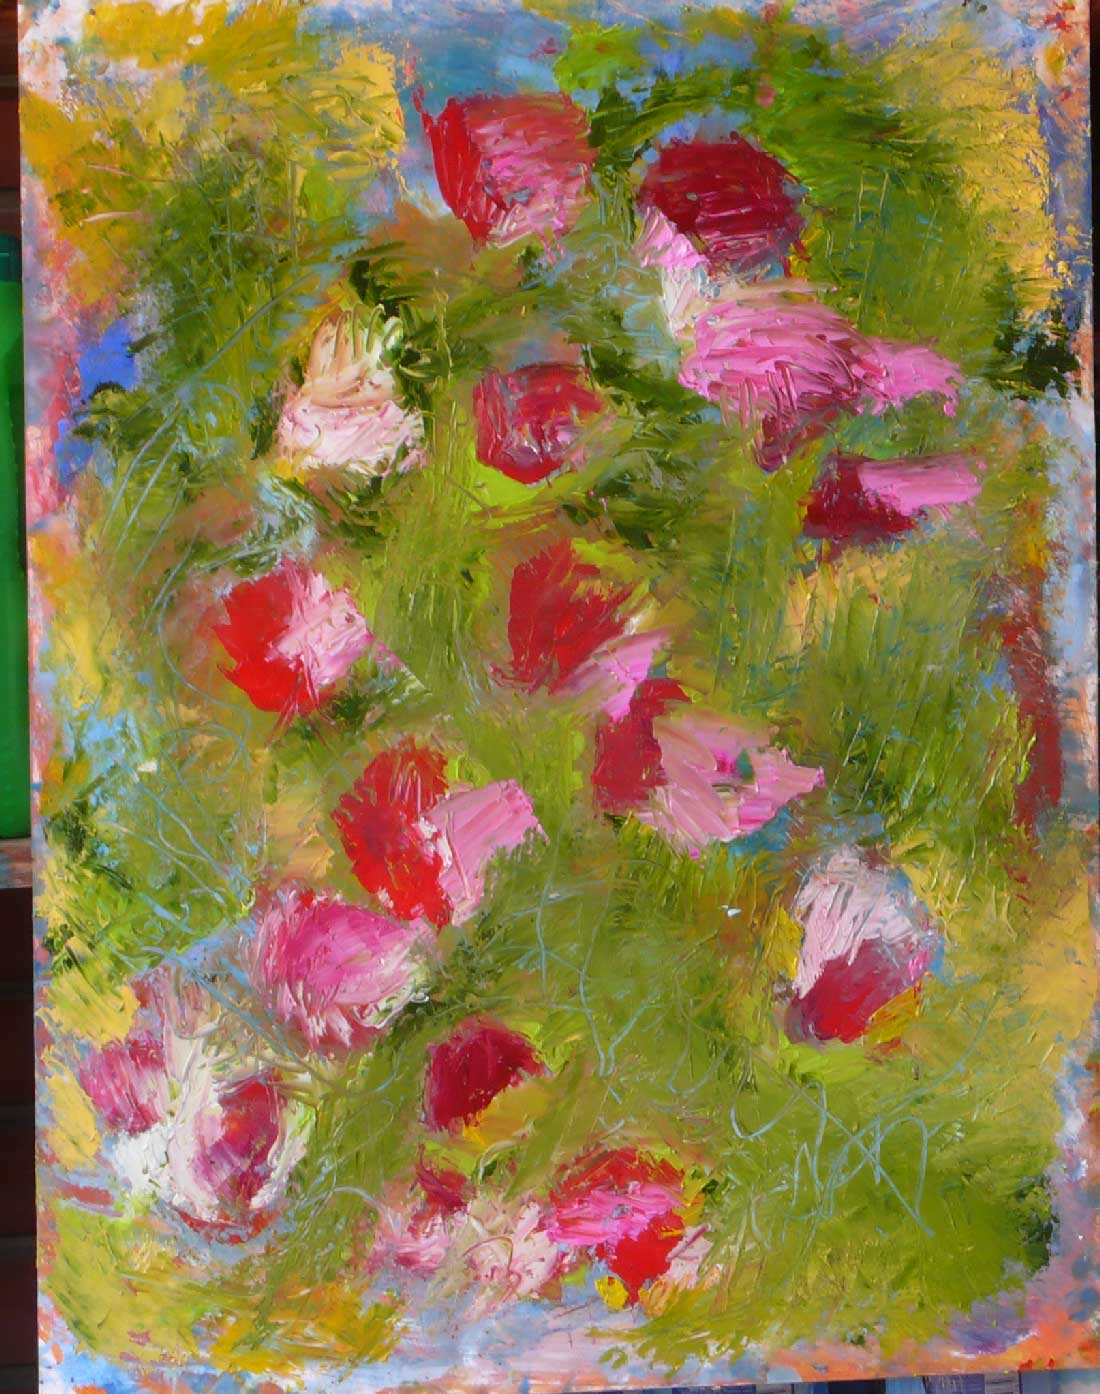 Fiori di campo for Immagini di fiori dipinti